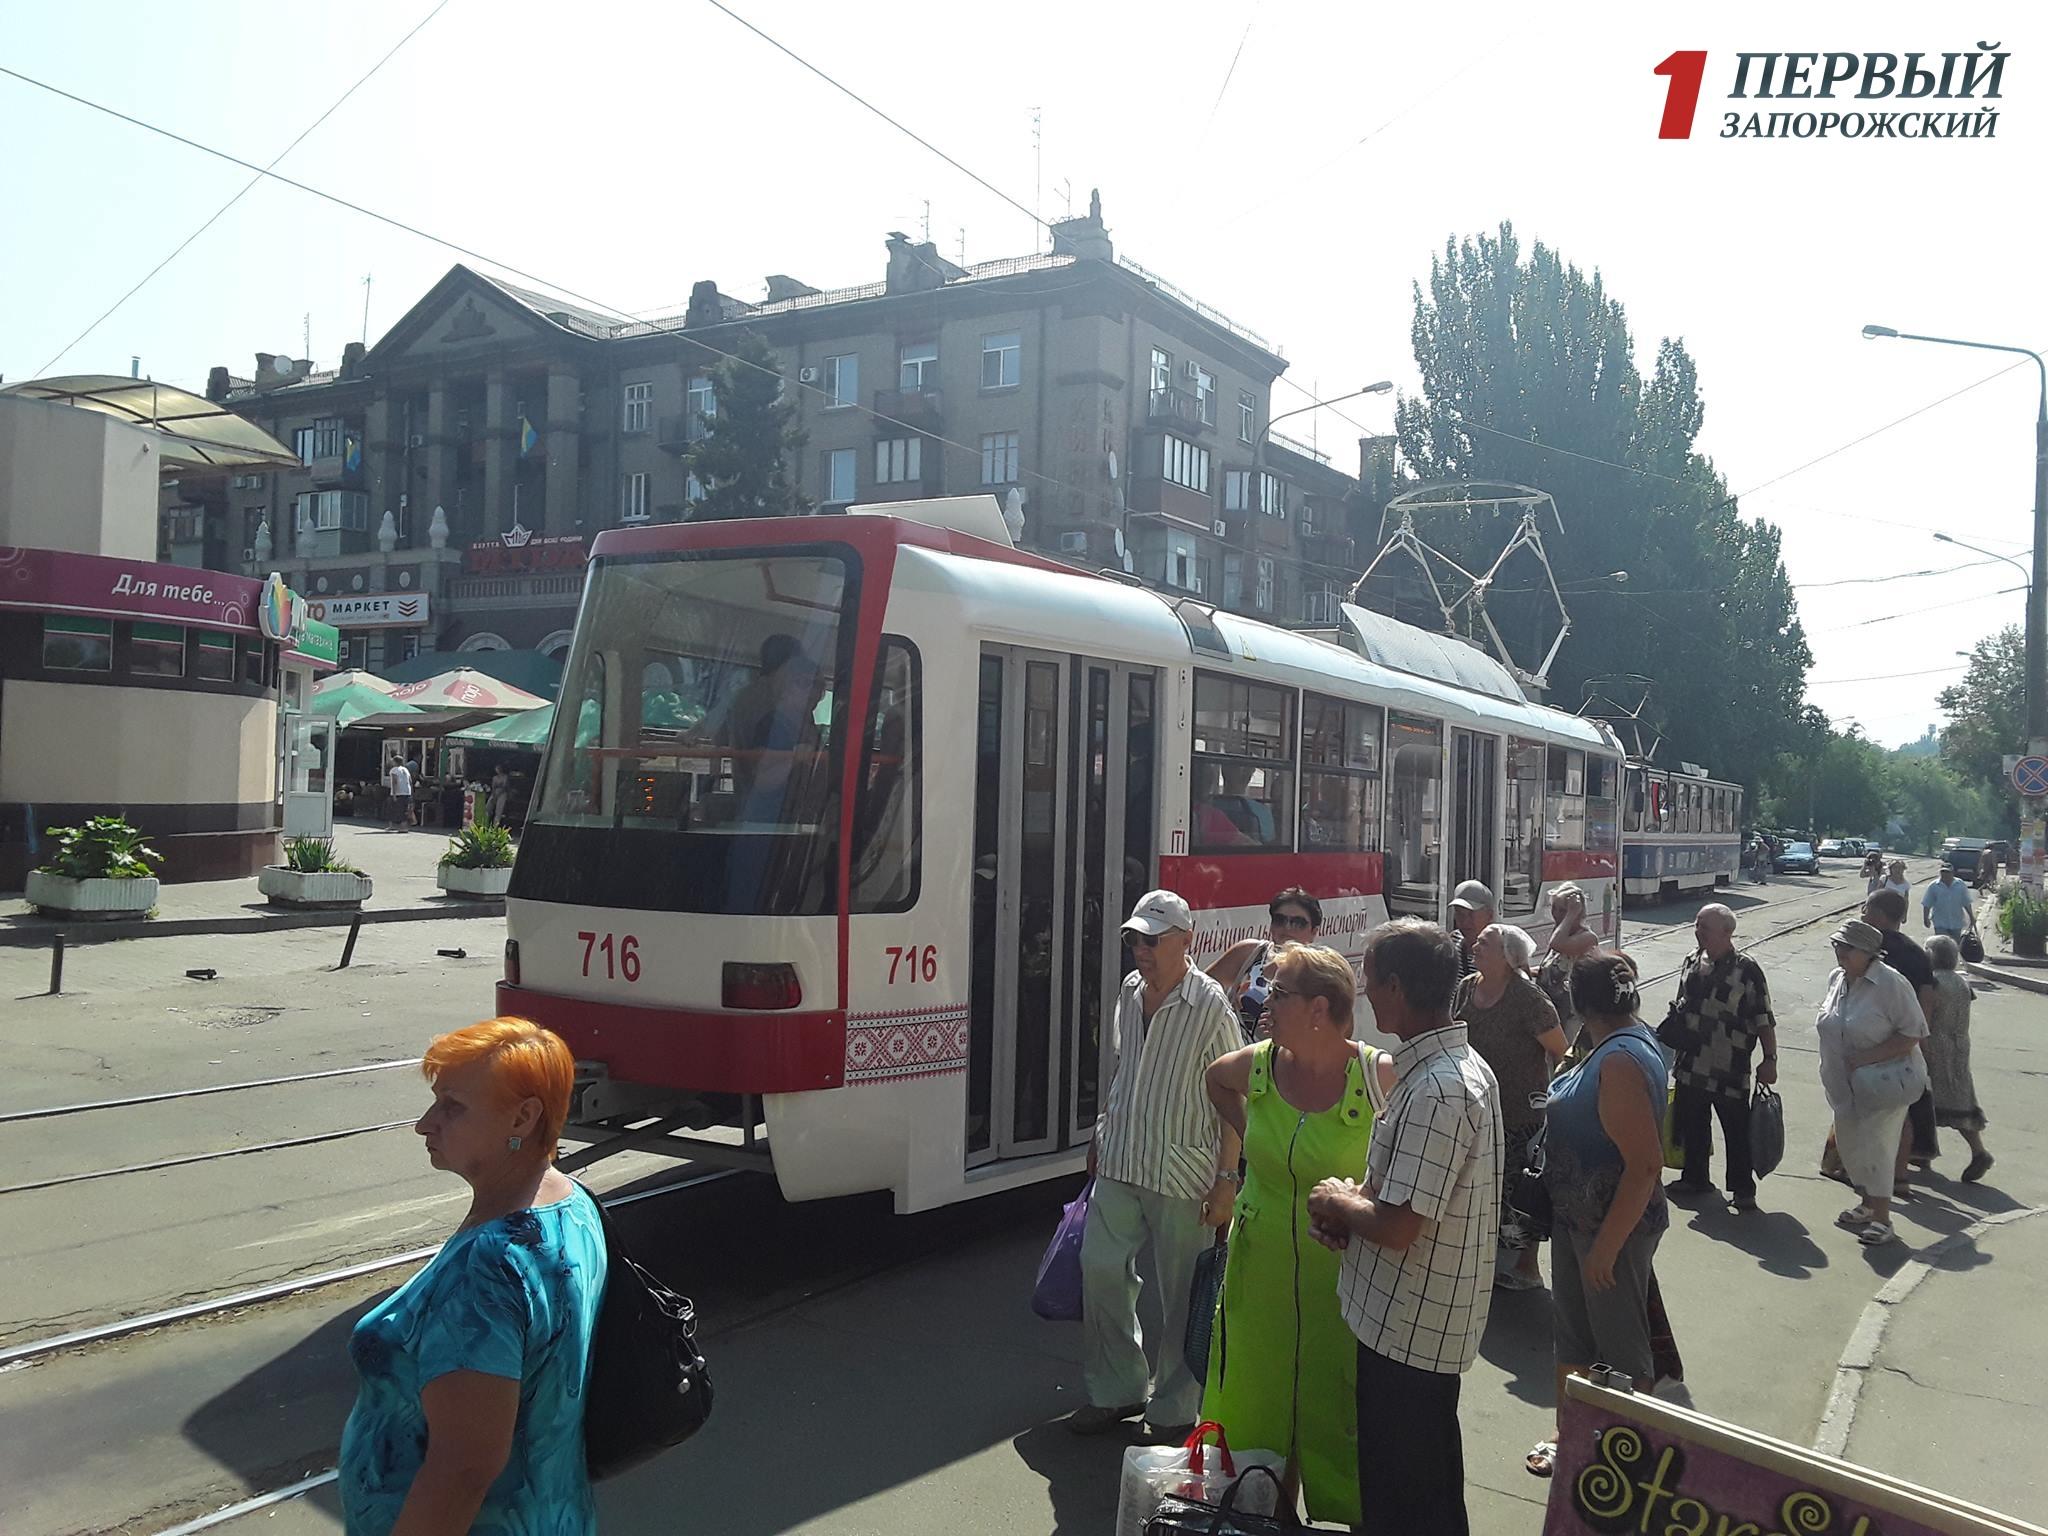 ВЗапорожье выпускают новые дешевые трамваи для своего города